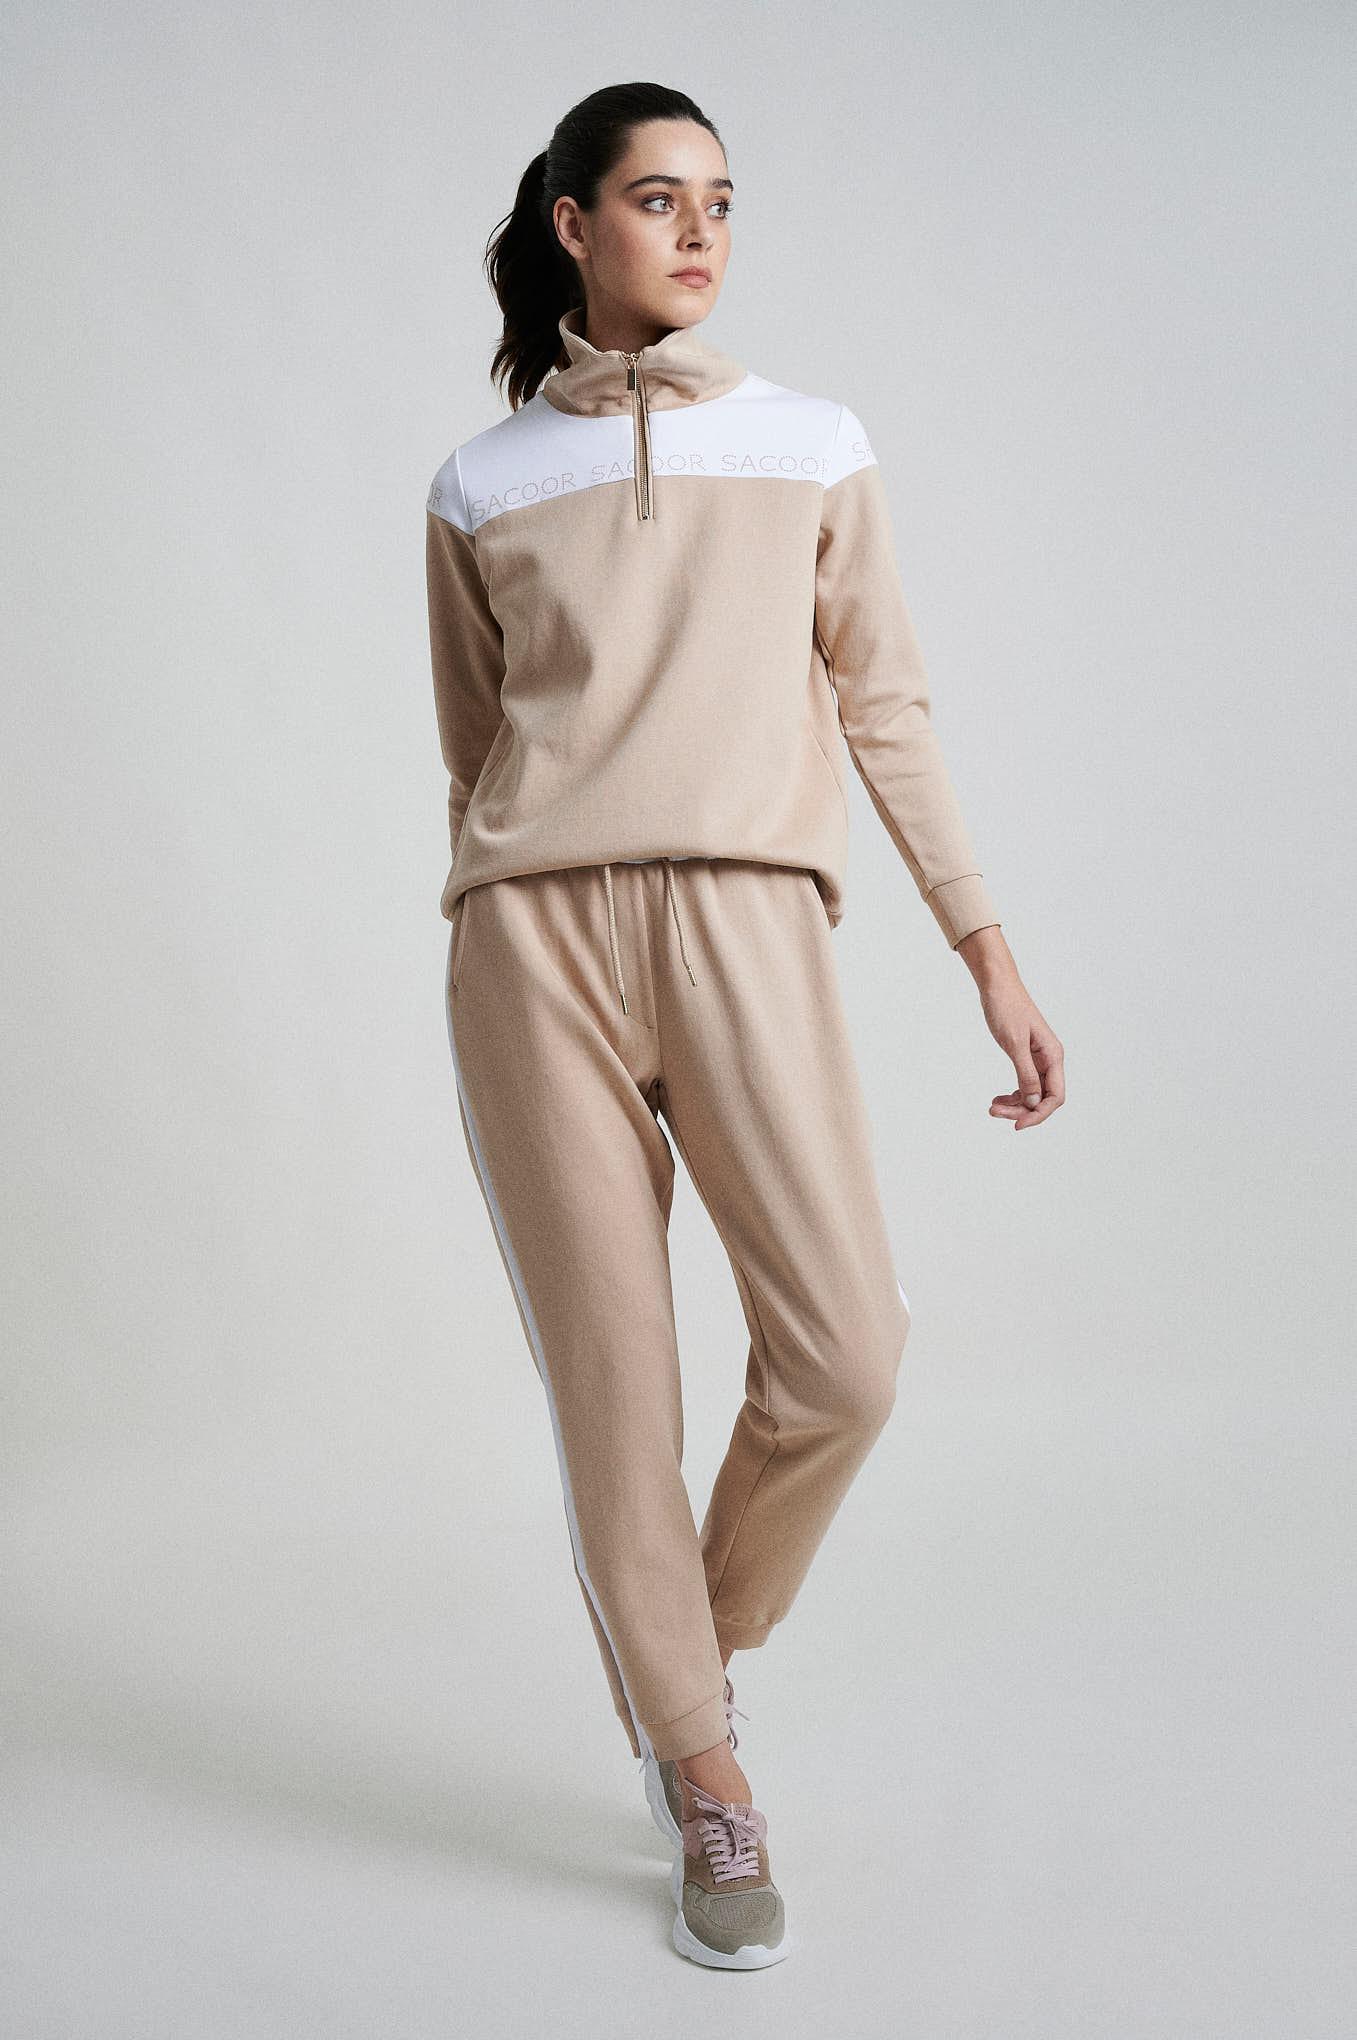 Sportswear Trousers Beige Sport Woman